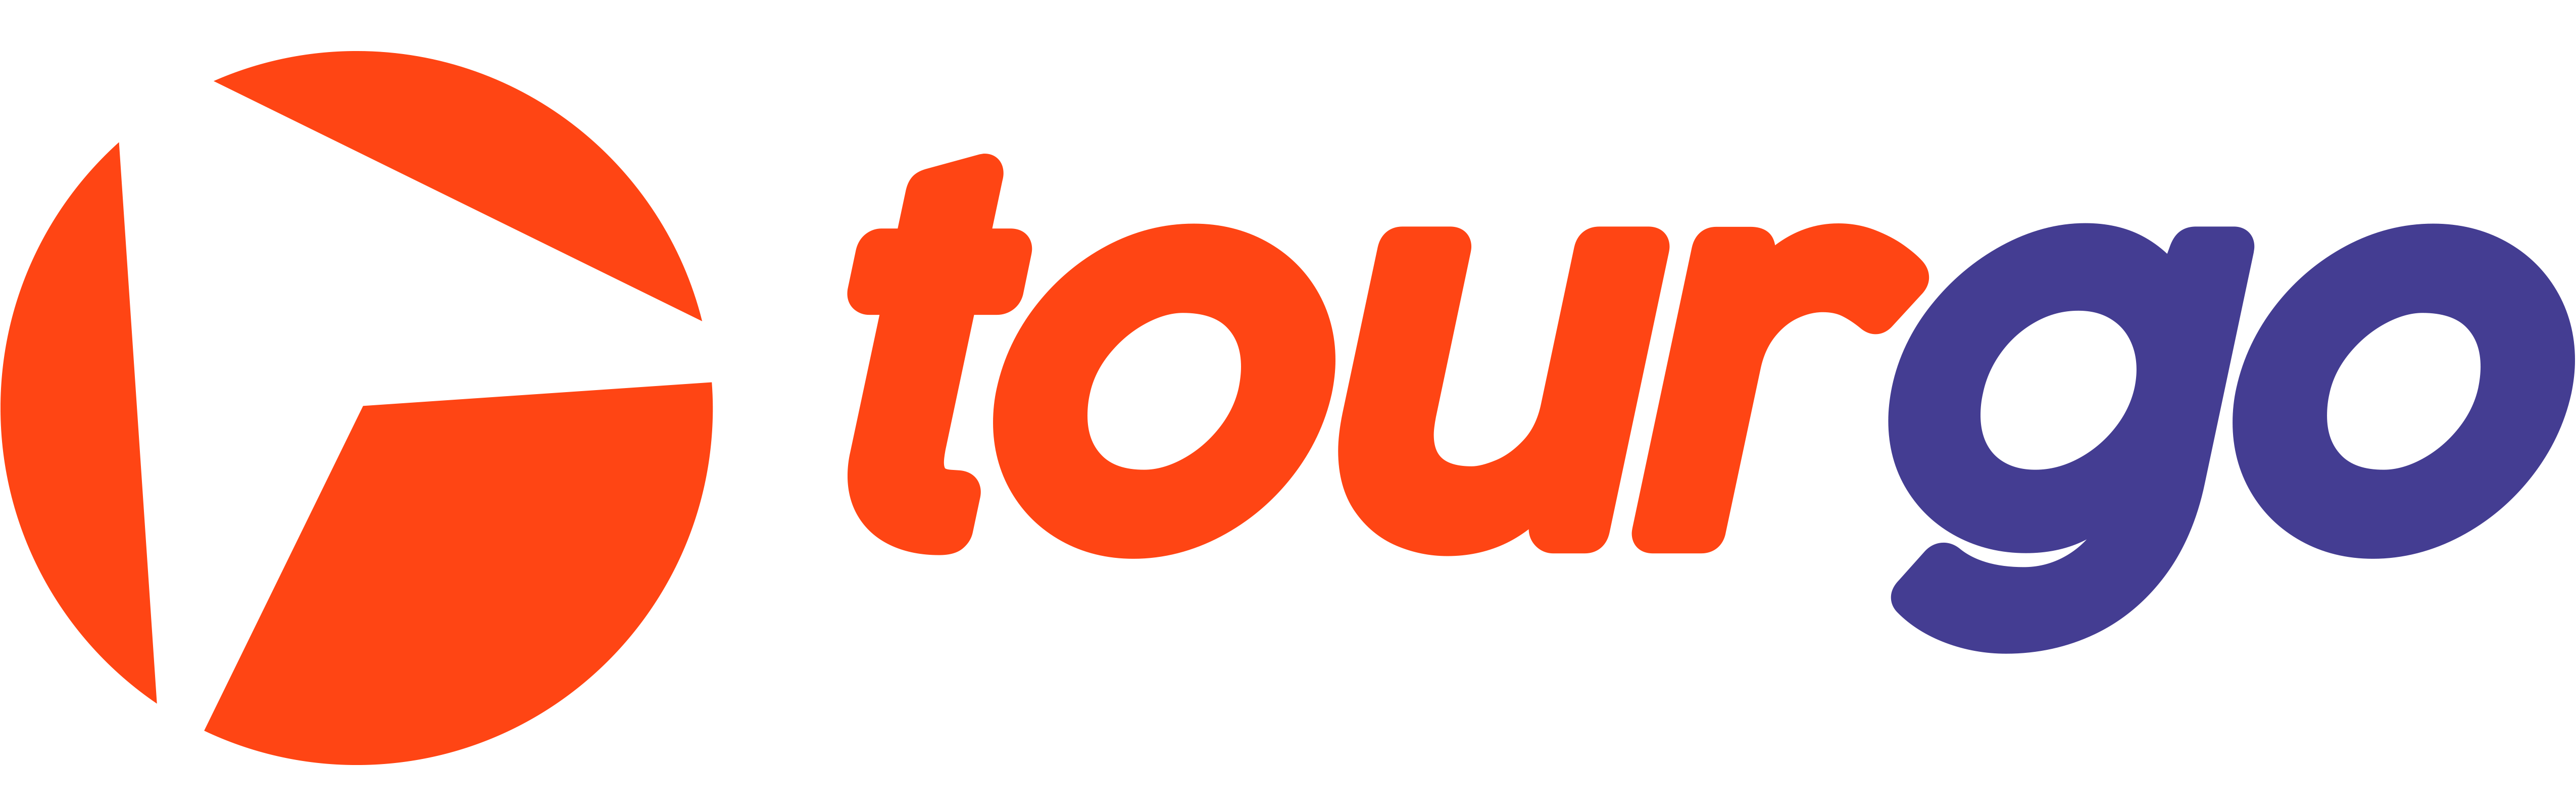 logo color tourgo 2(1)